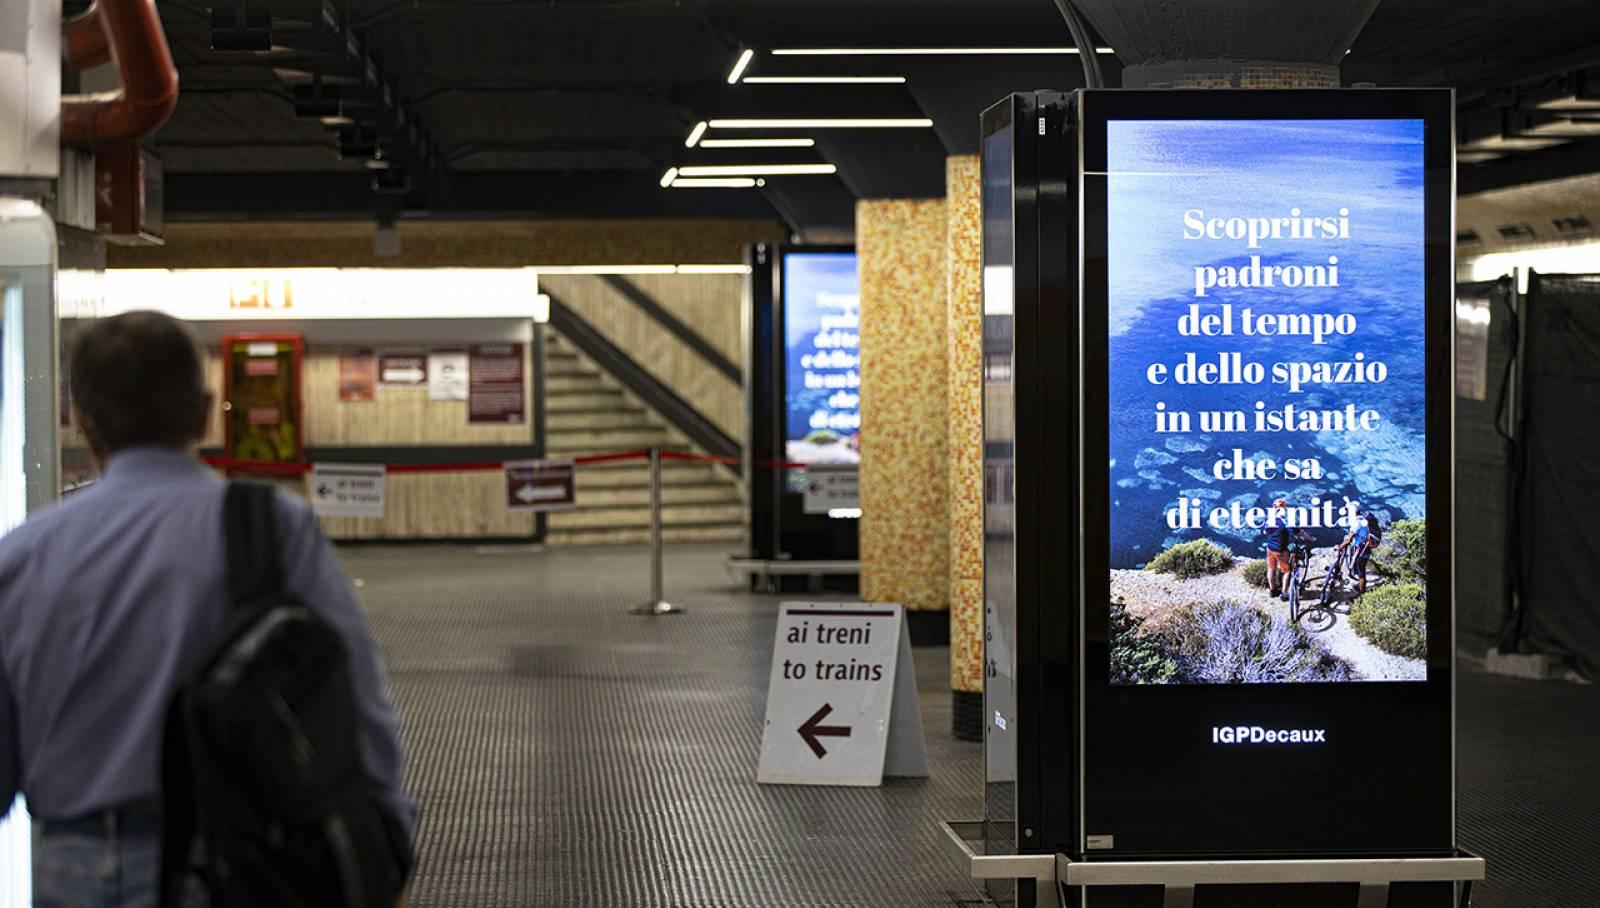 Pubblicità metro IGPDecaux Roma Network Vision per Toscana Promozione Turistica